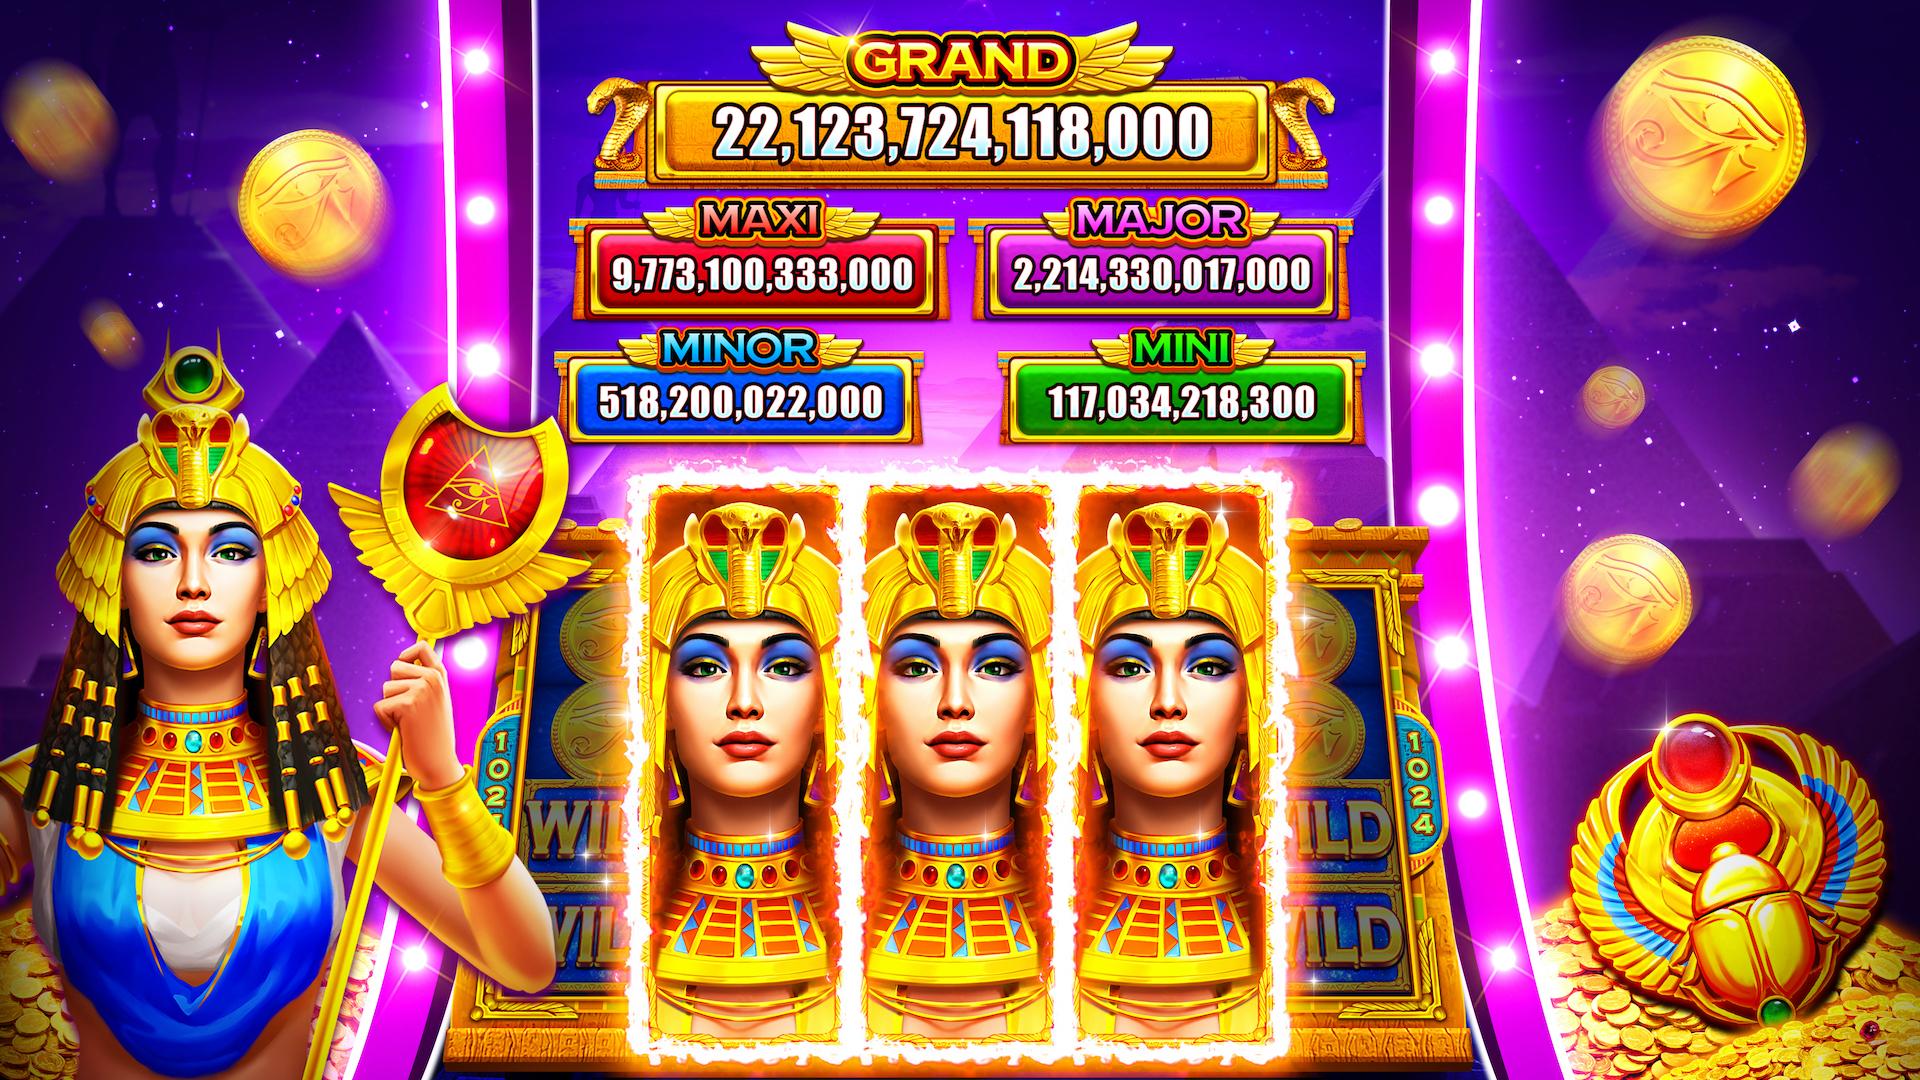 Spel på kredit casino 468996